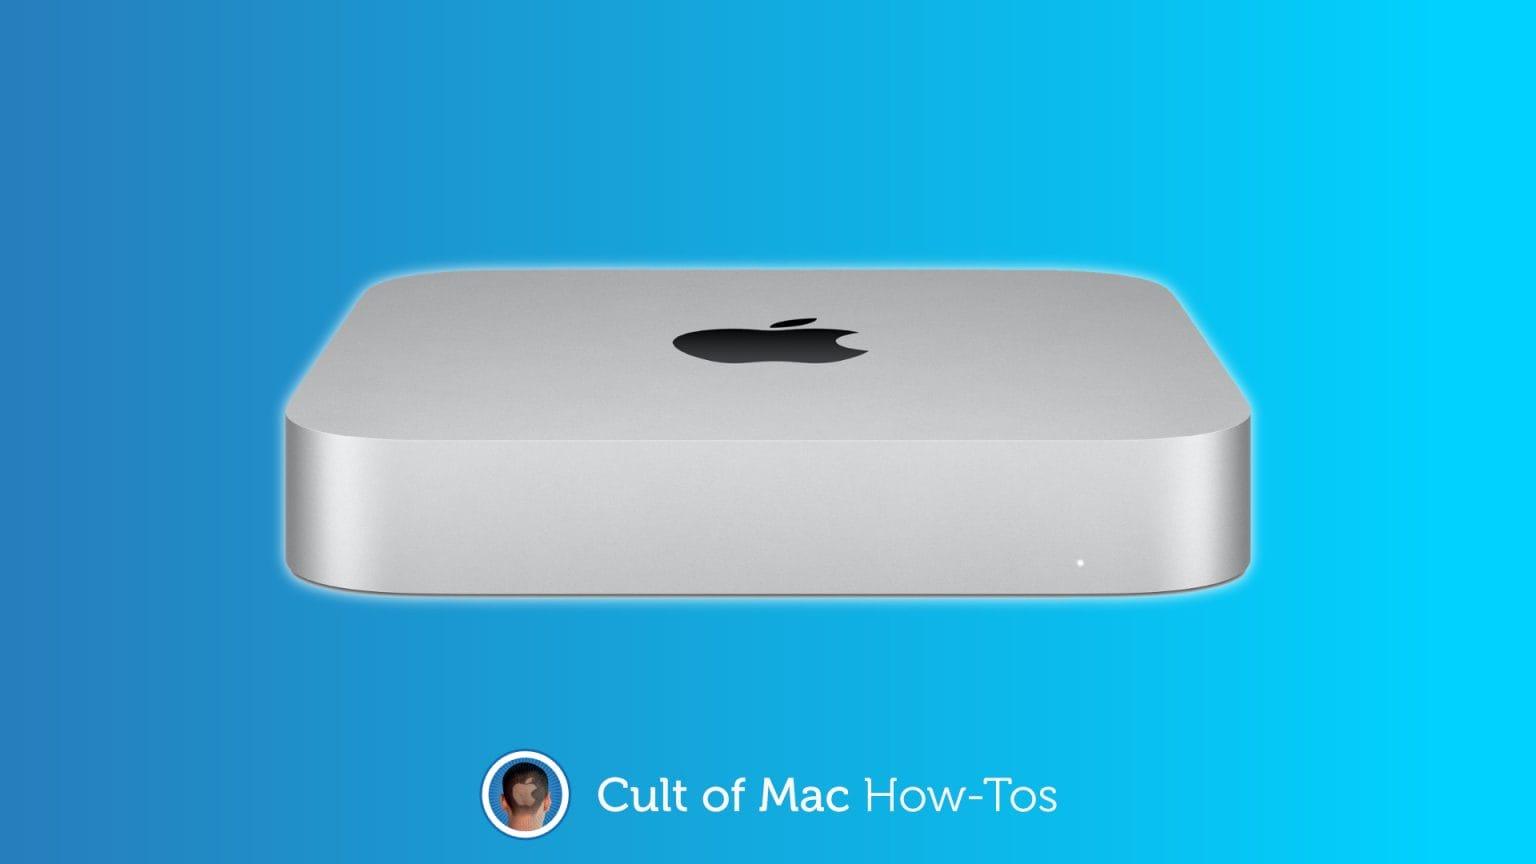 Fix M1 Mac mini display issues